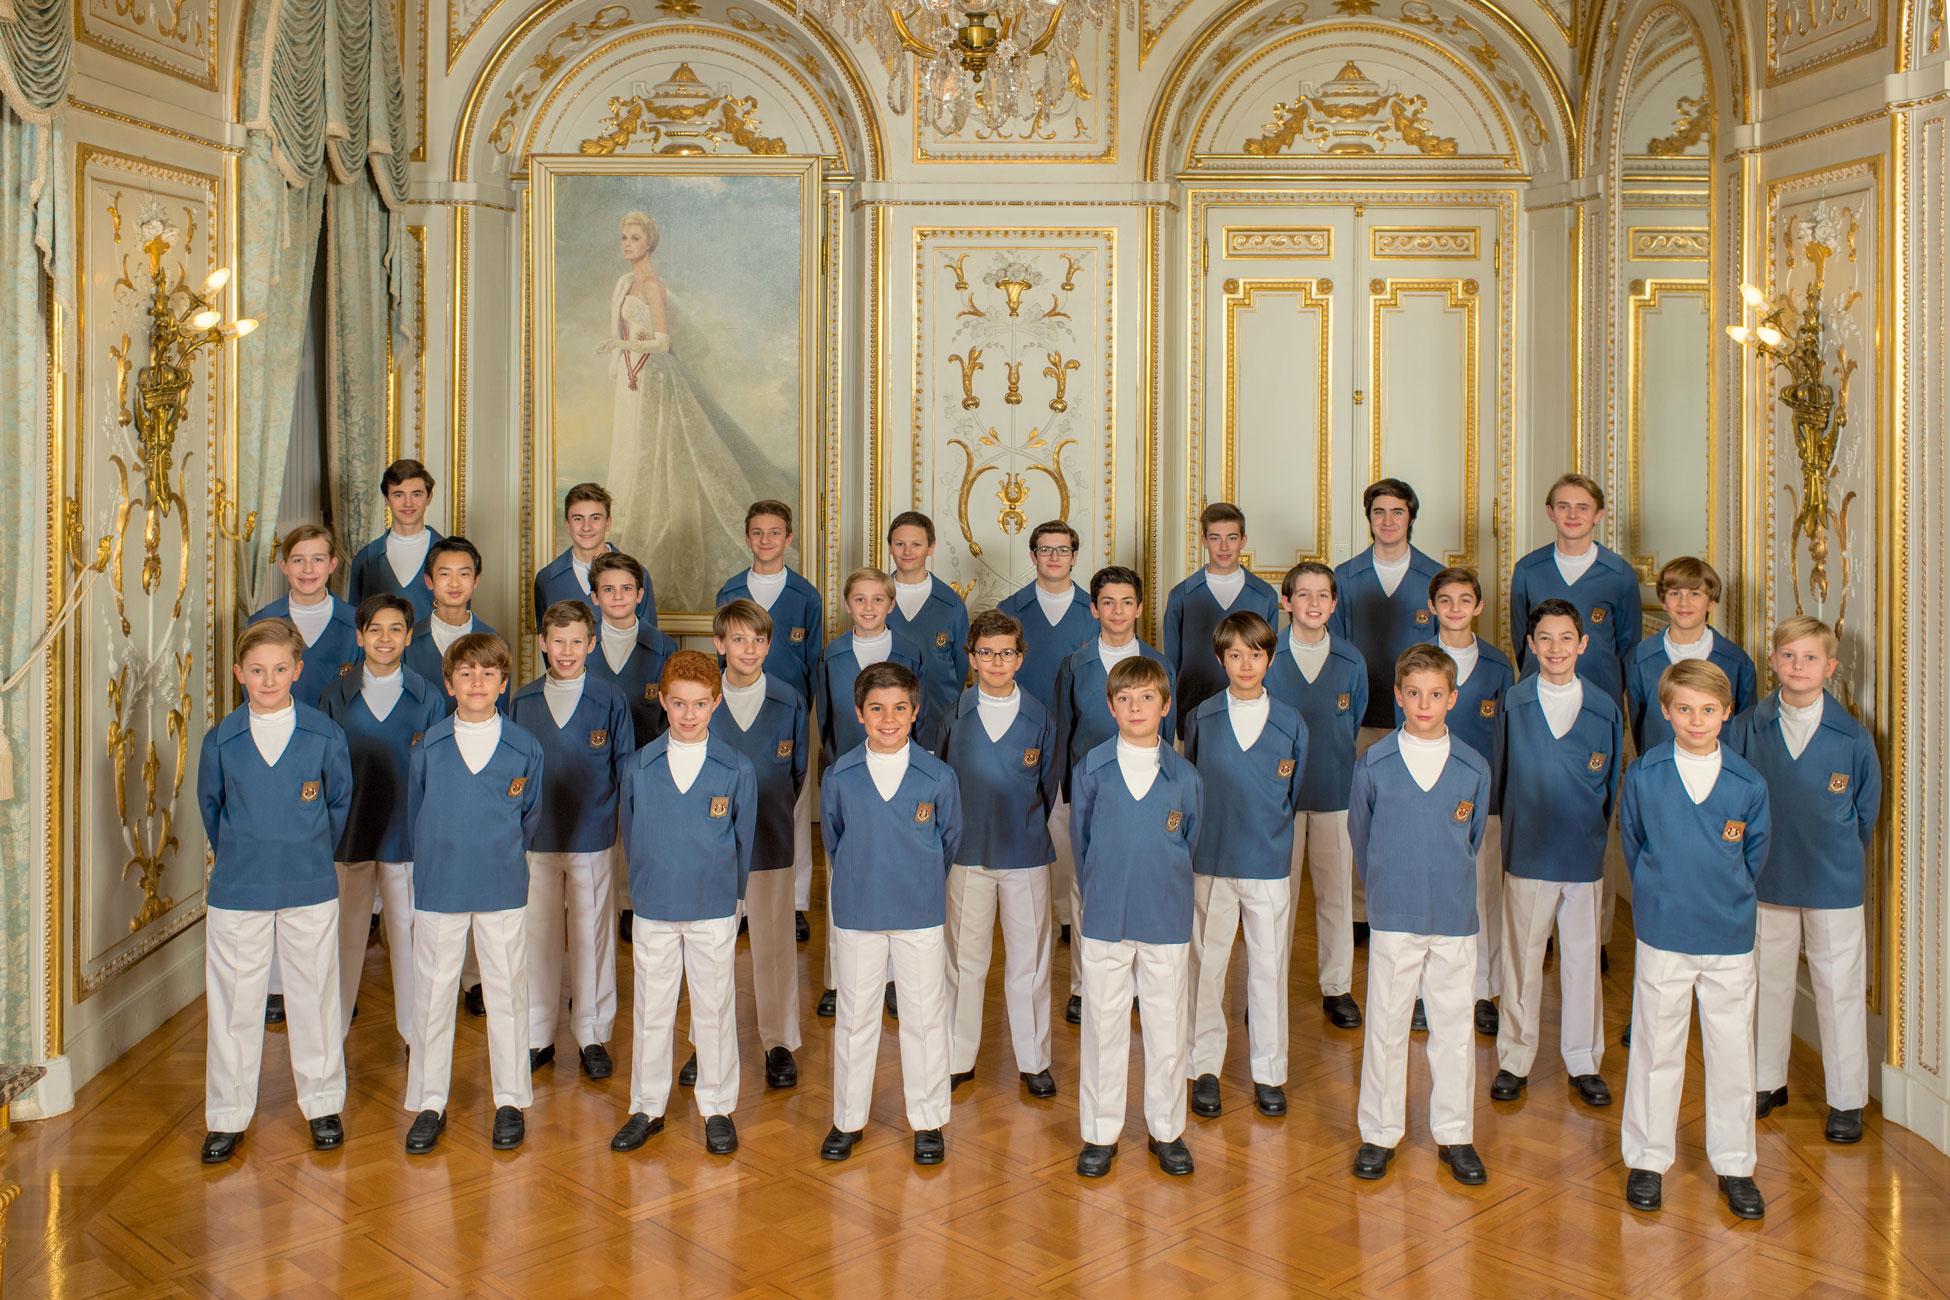 monaco-boys-choir-2020-choir-boys-group-photo